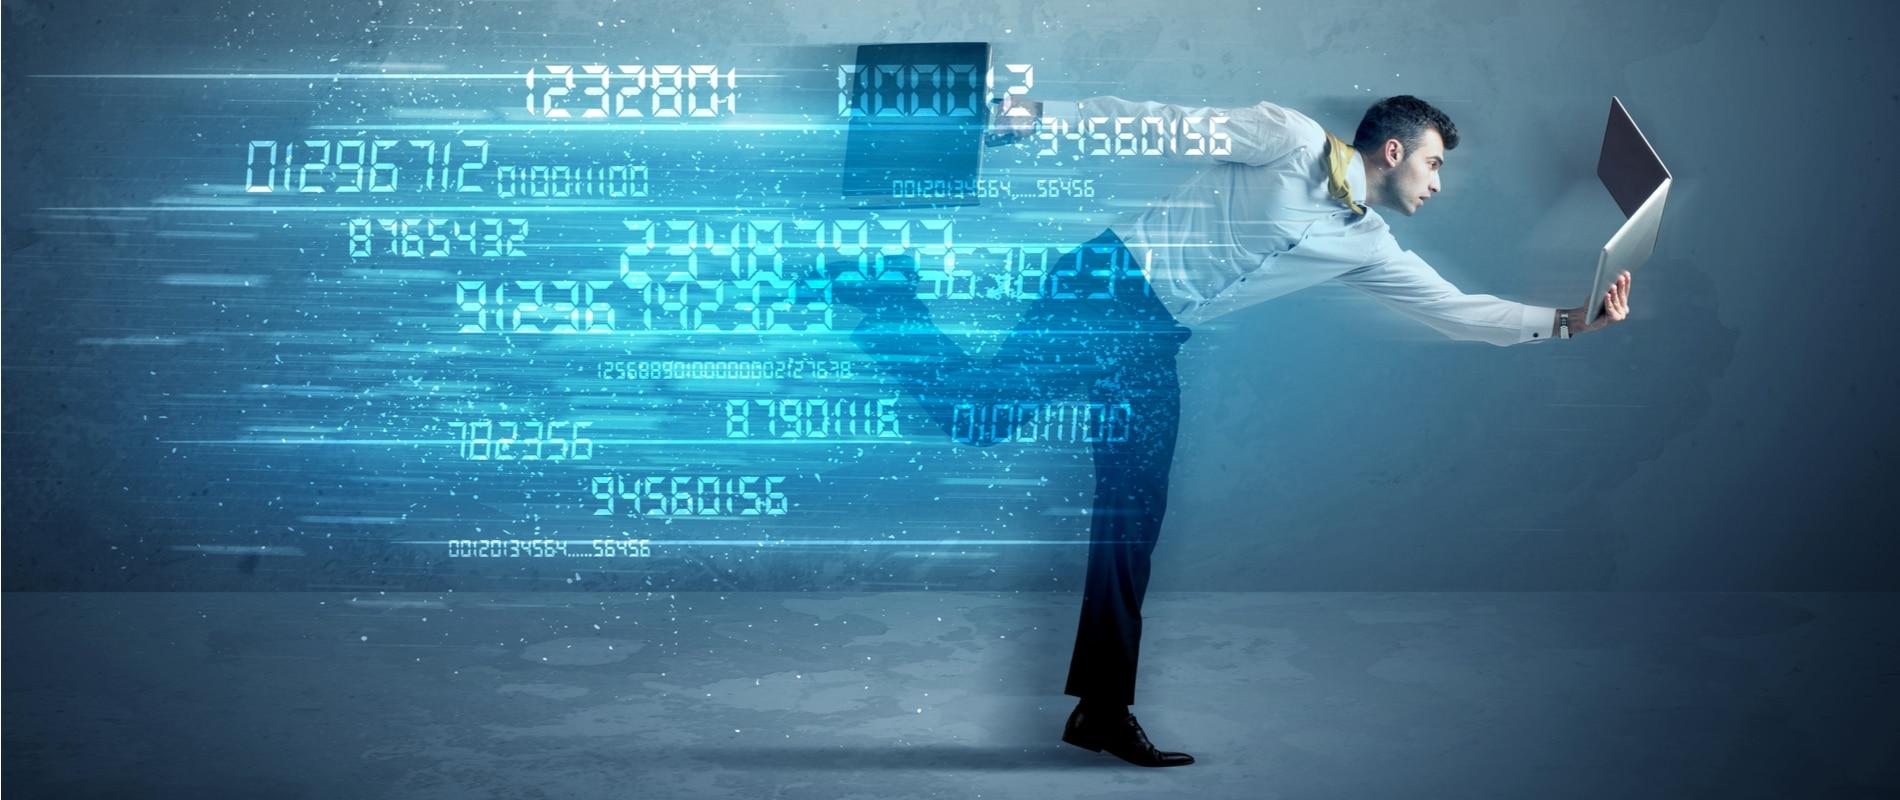 fintech-startup-hombre-ordenador-digital-transformacion-exito-BBVA